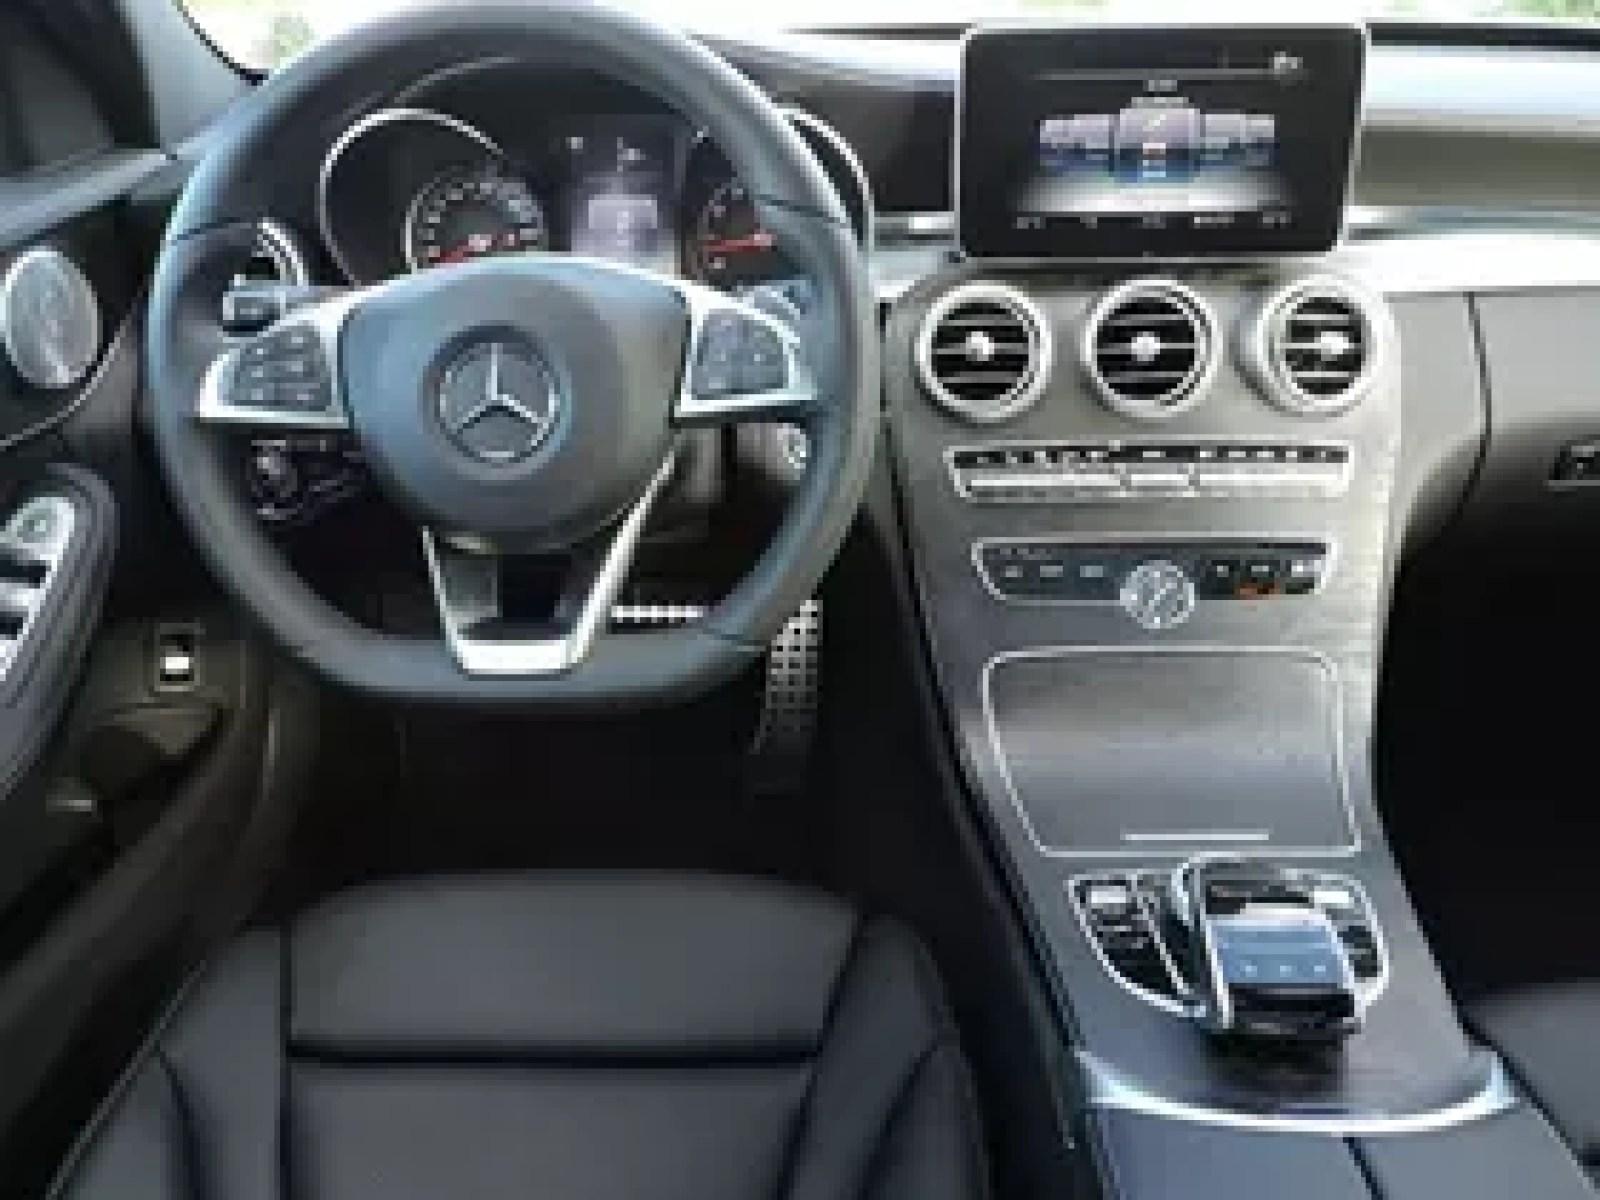 2015 Lexus IS 350 vs Mercedes Benz C 400 AutoGuide News